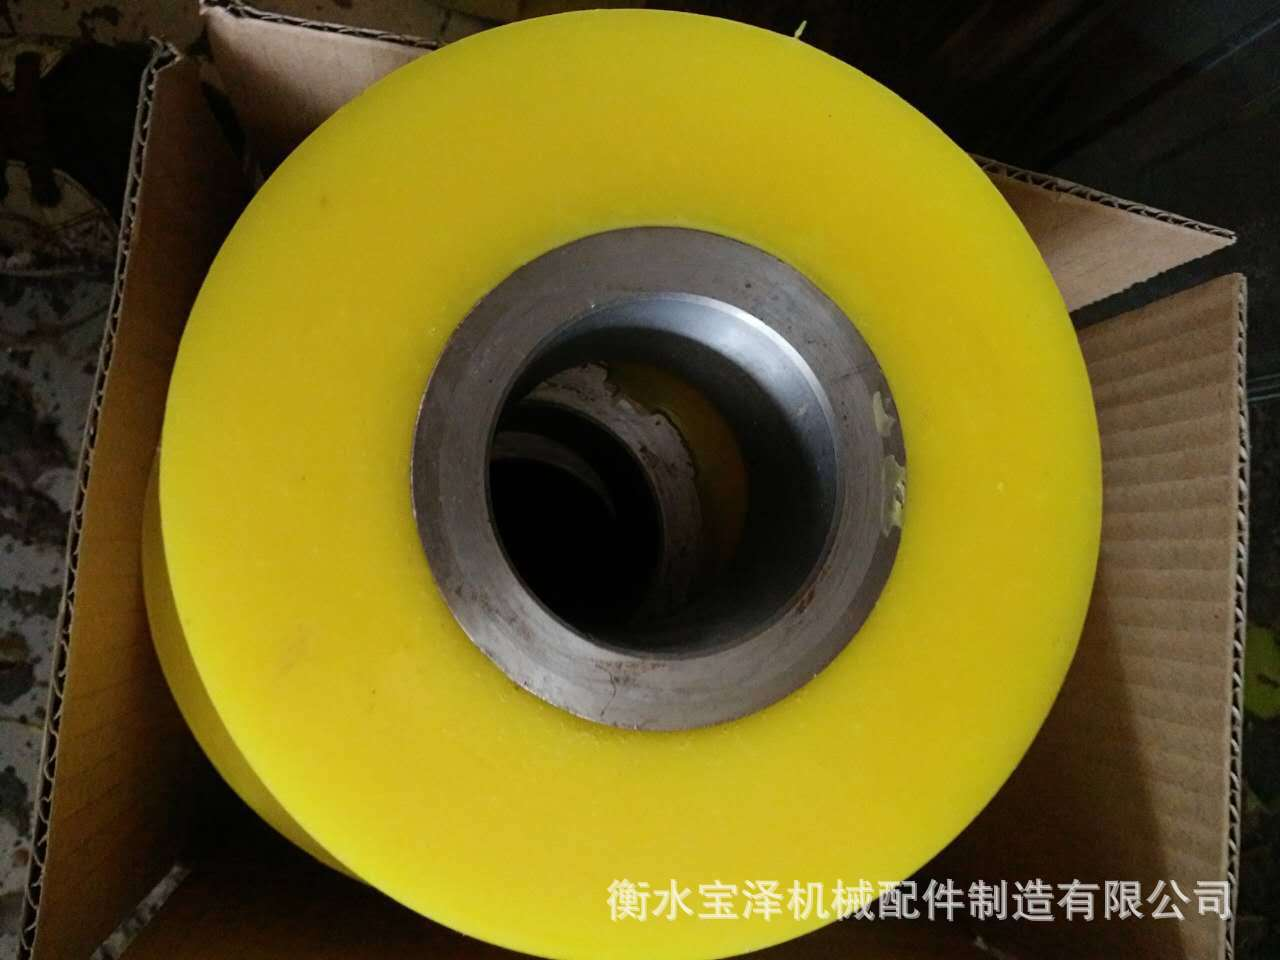 专业生产输送滚轮包胶轮金属轴承包胶轮双轴万向脚轮聚氨酯包胶轮